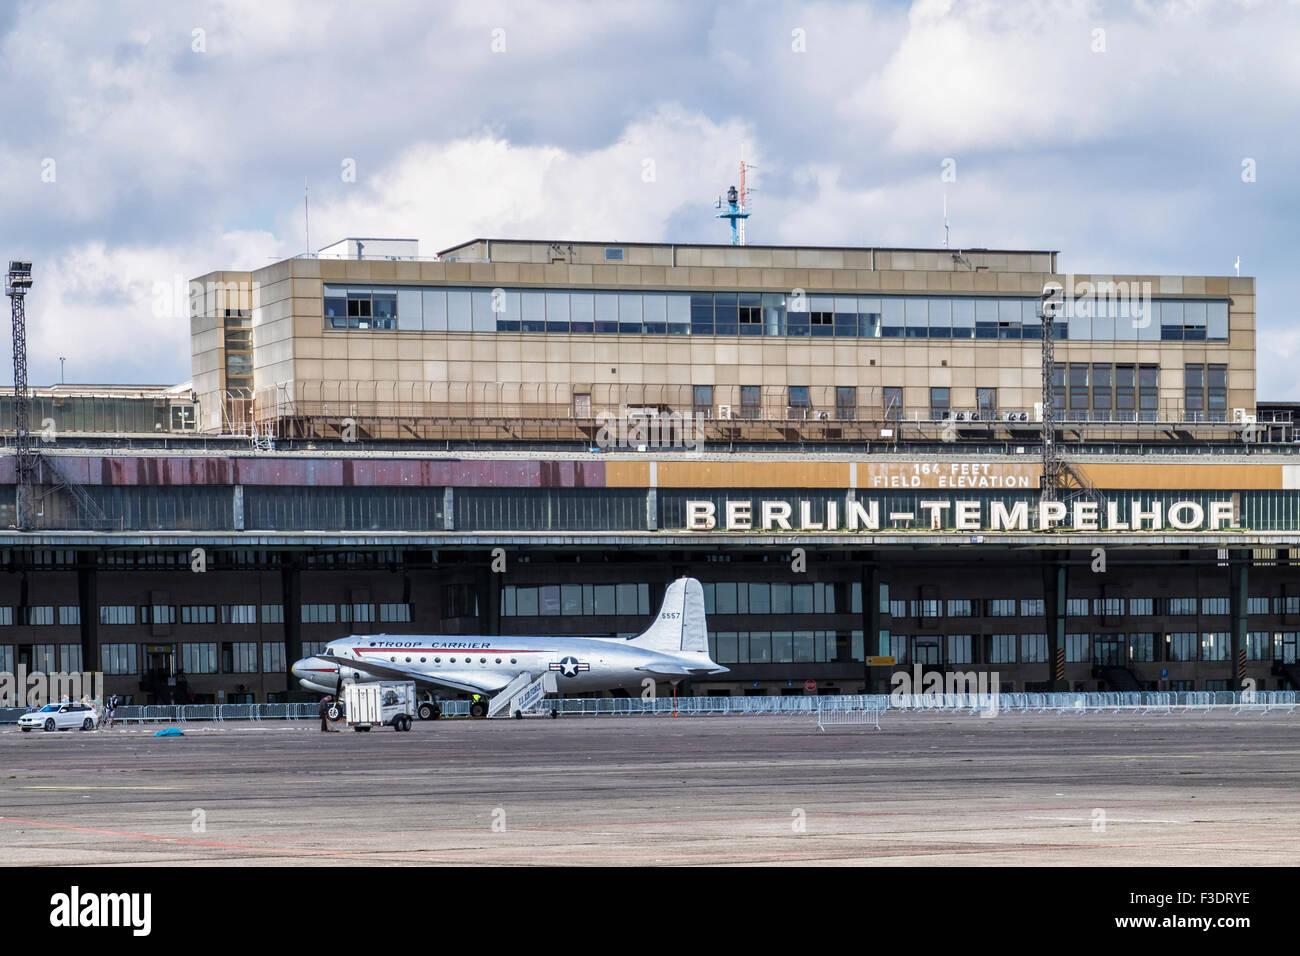 berlin tempelhof airport flughafen berlin tempelhof thf. Black Bedroom Furniture Sets. Home Design Ideas